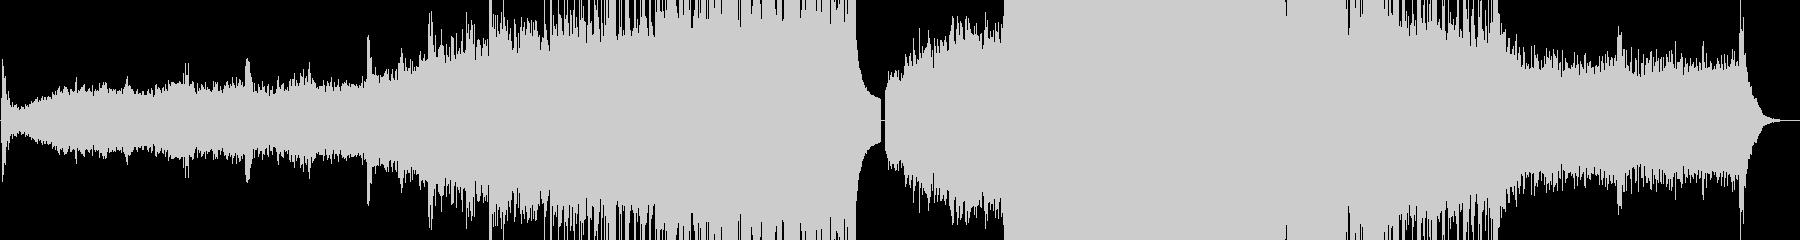 イントロは、マリンバによって提供さ...の未再生の波形